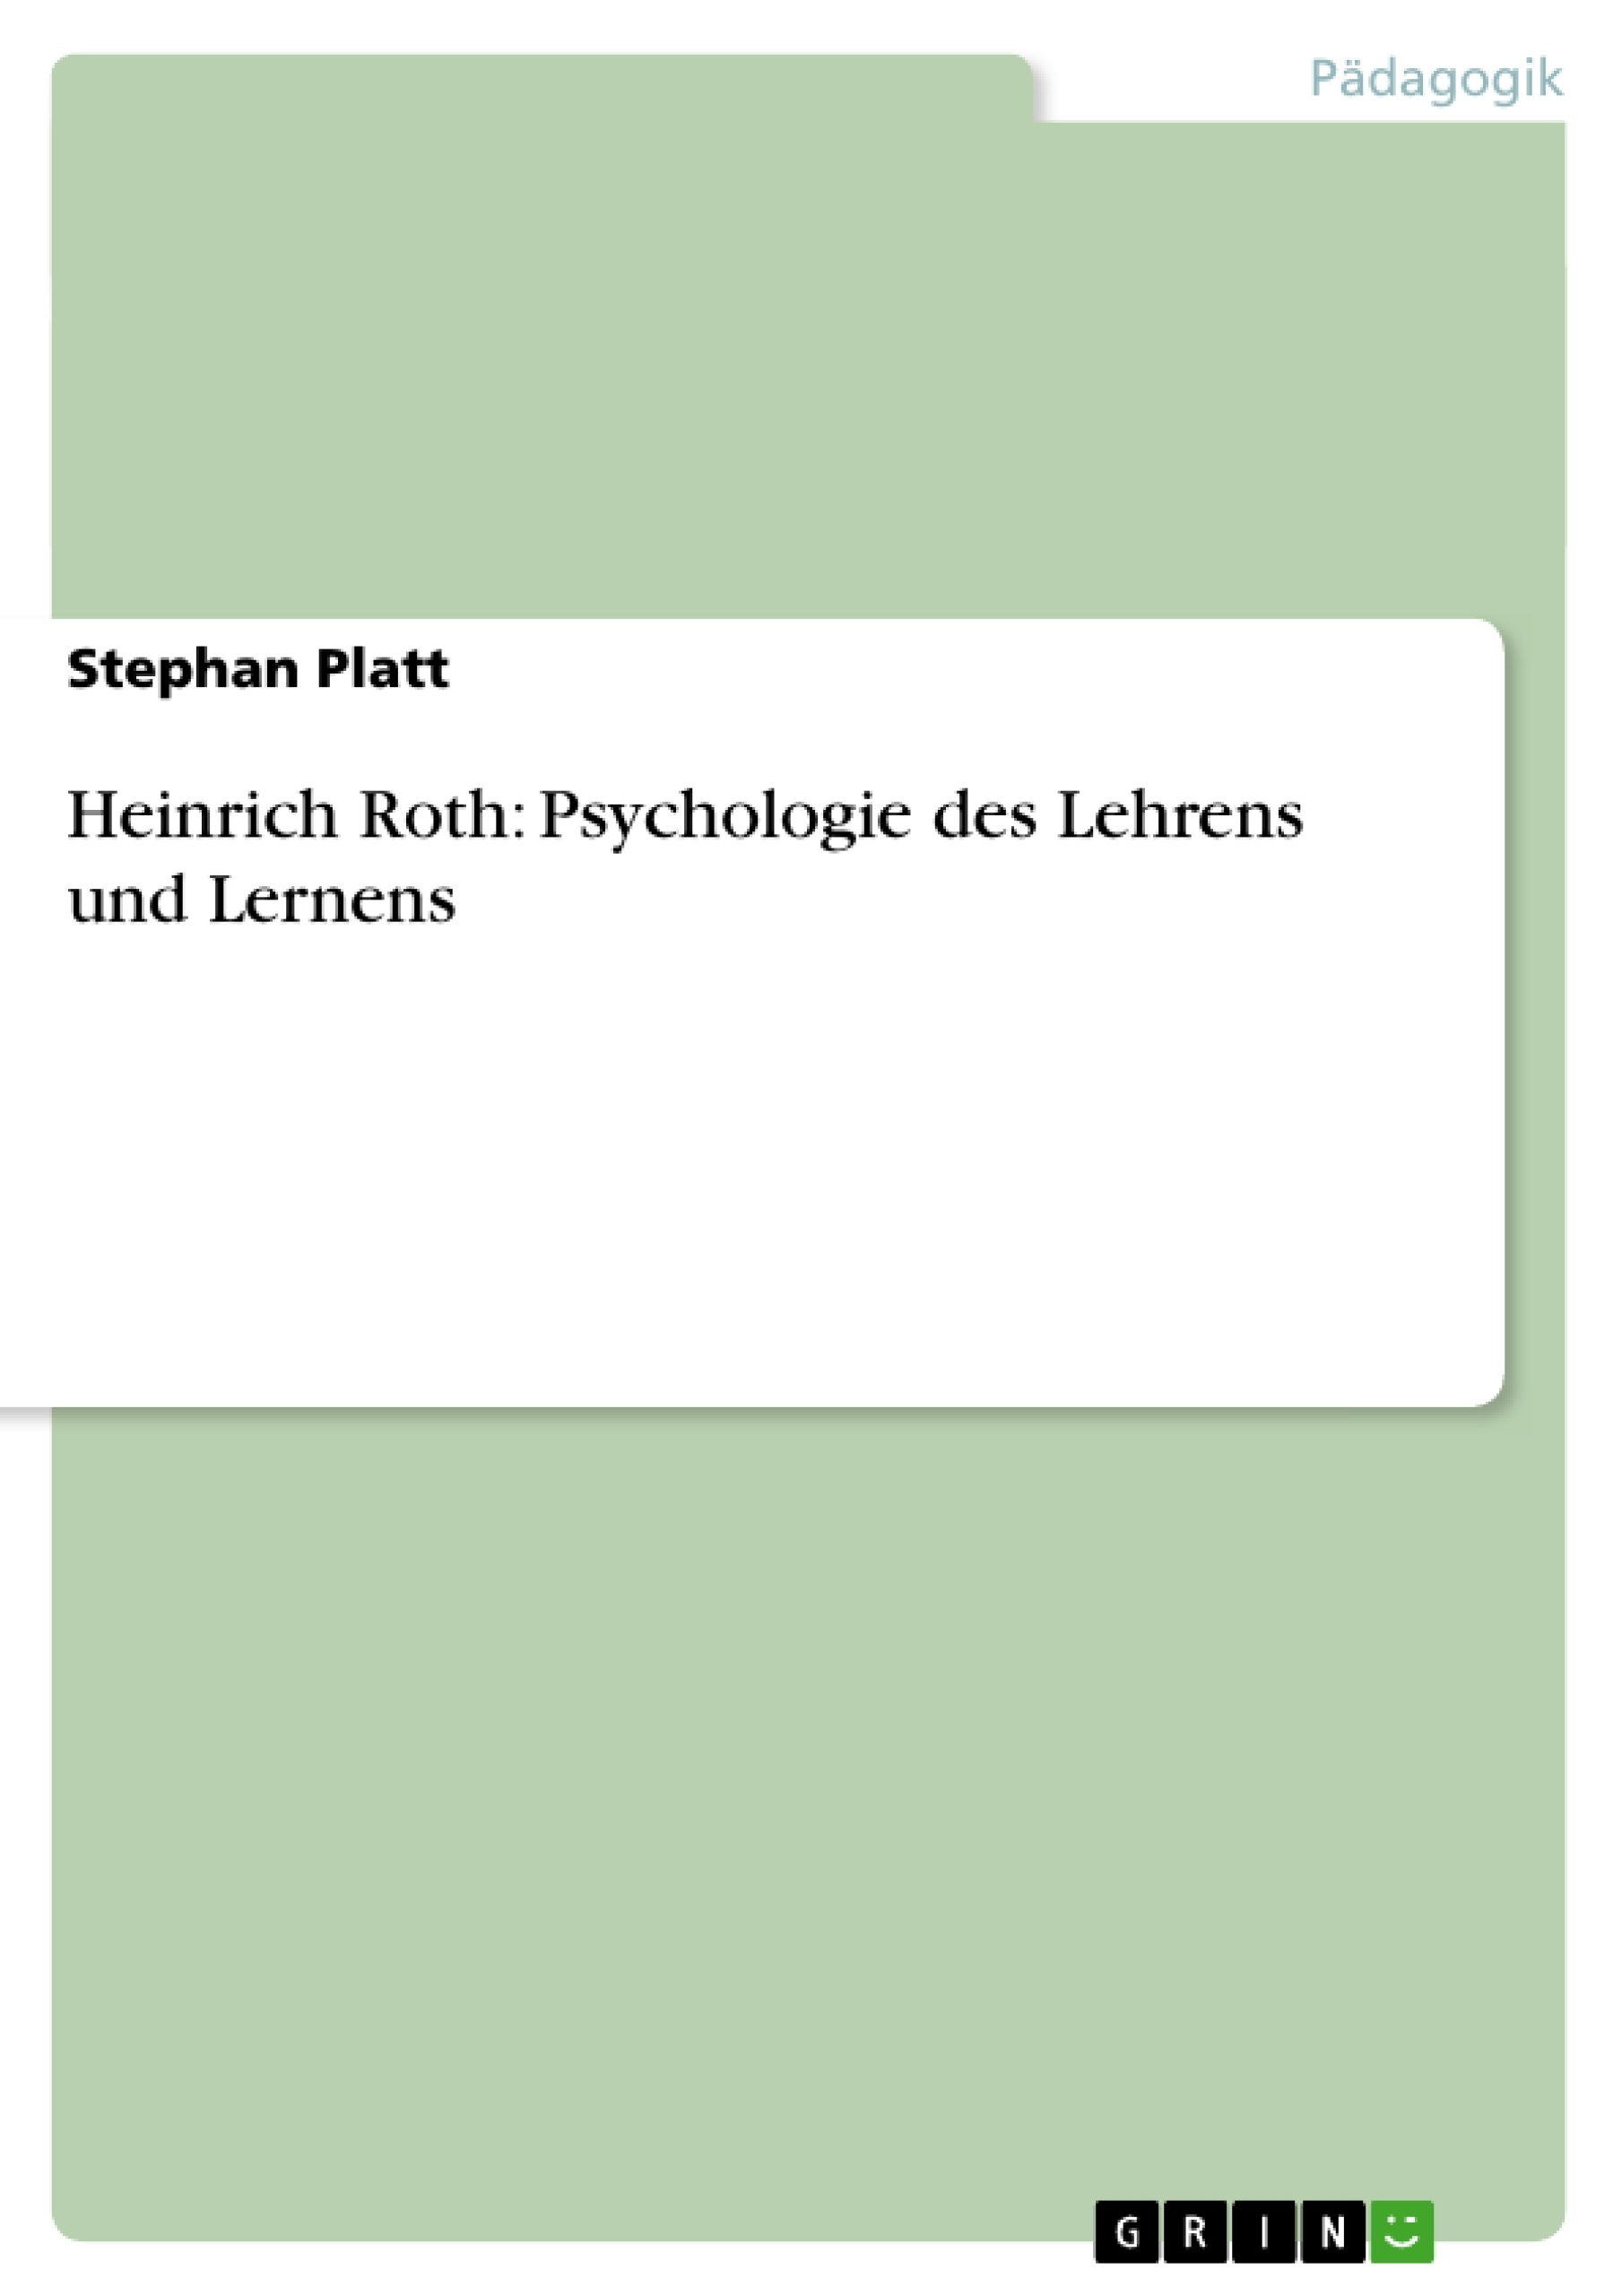 Titel: Heinrich Roth: Psychologie des Lehrens und Lernens